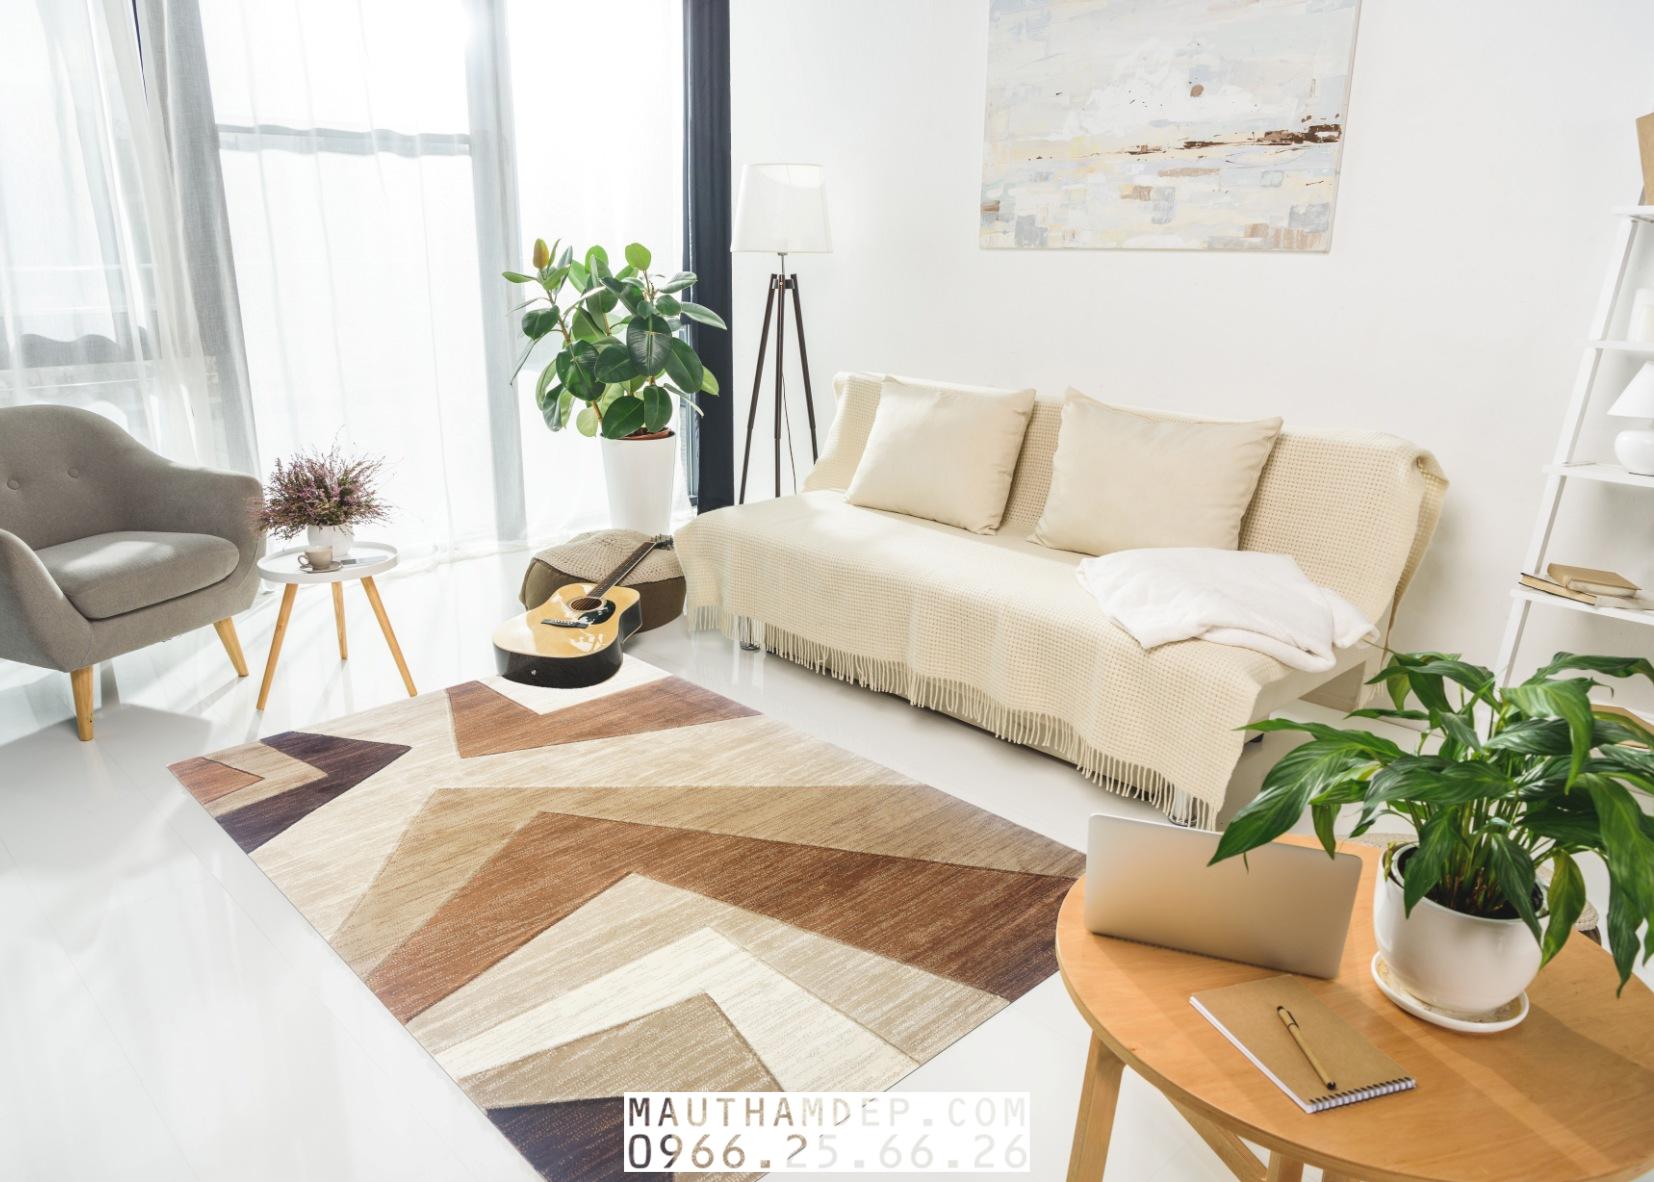 Tổng đại lý Thảm trang trí - Thảm sofa nhập khẩu - I0005